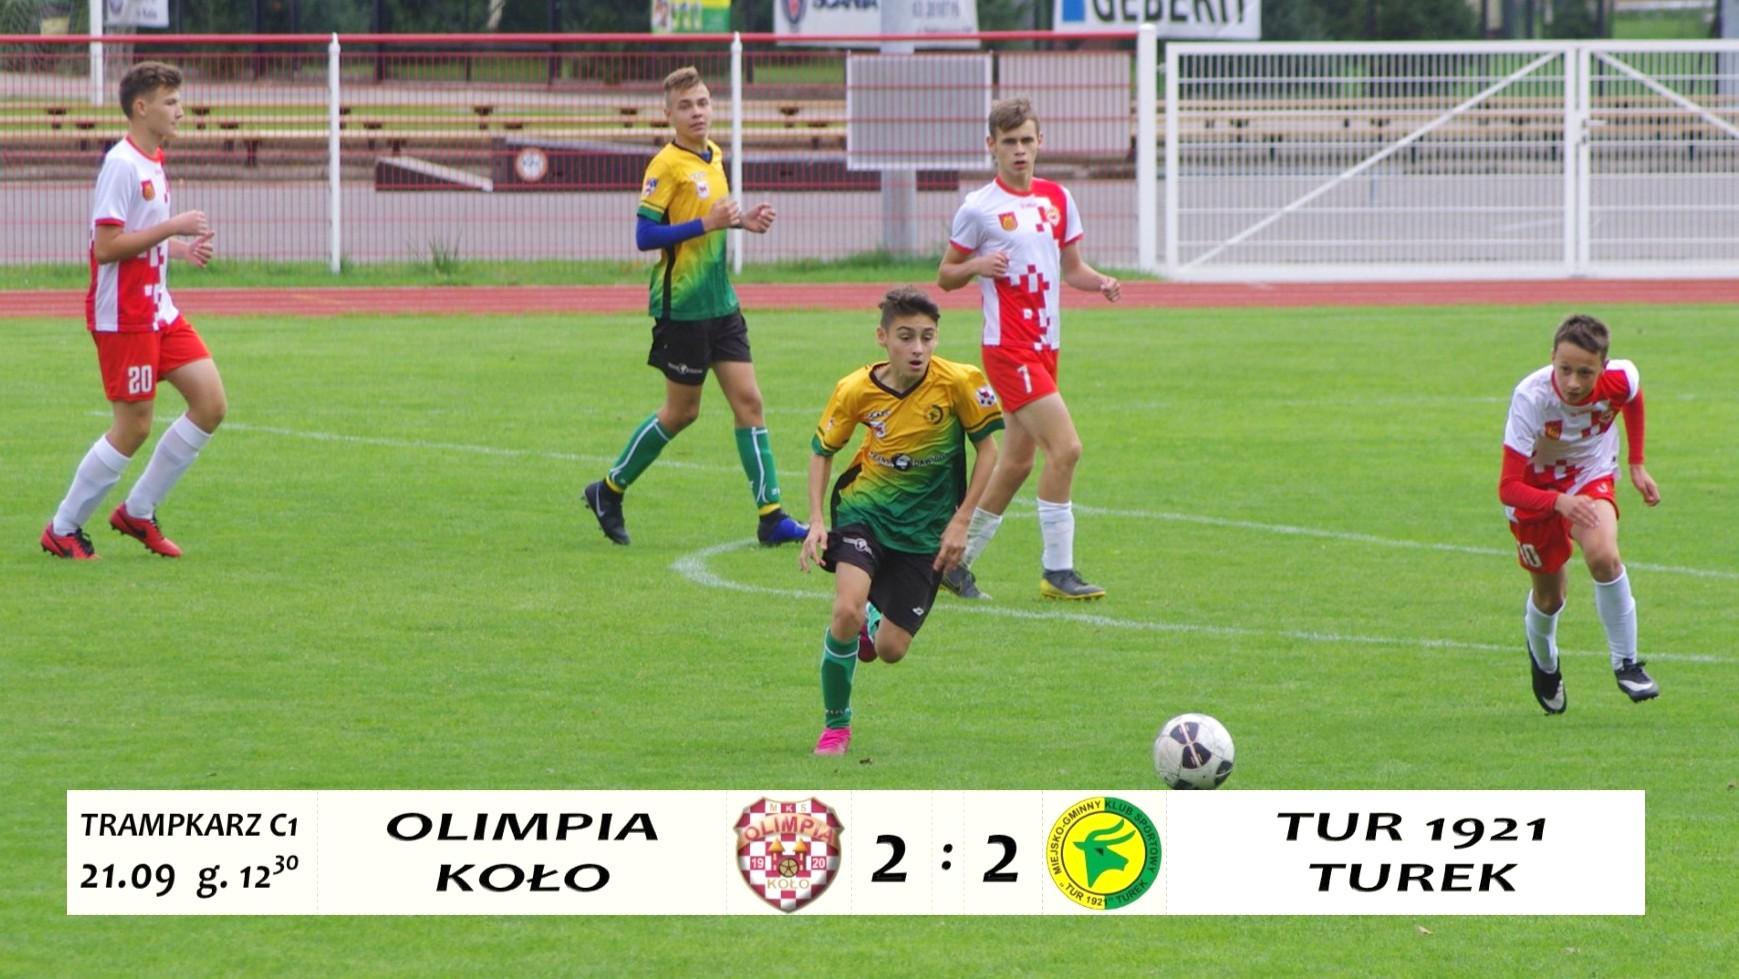 Olimpia Koło- Tur 1921 Turek 2:2